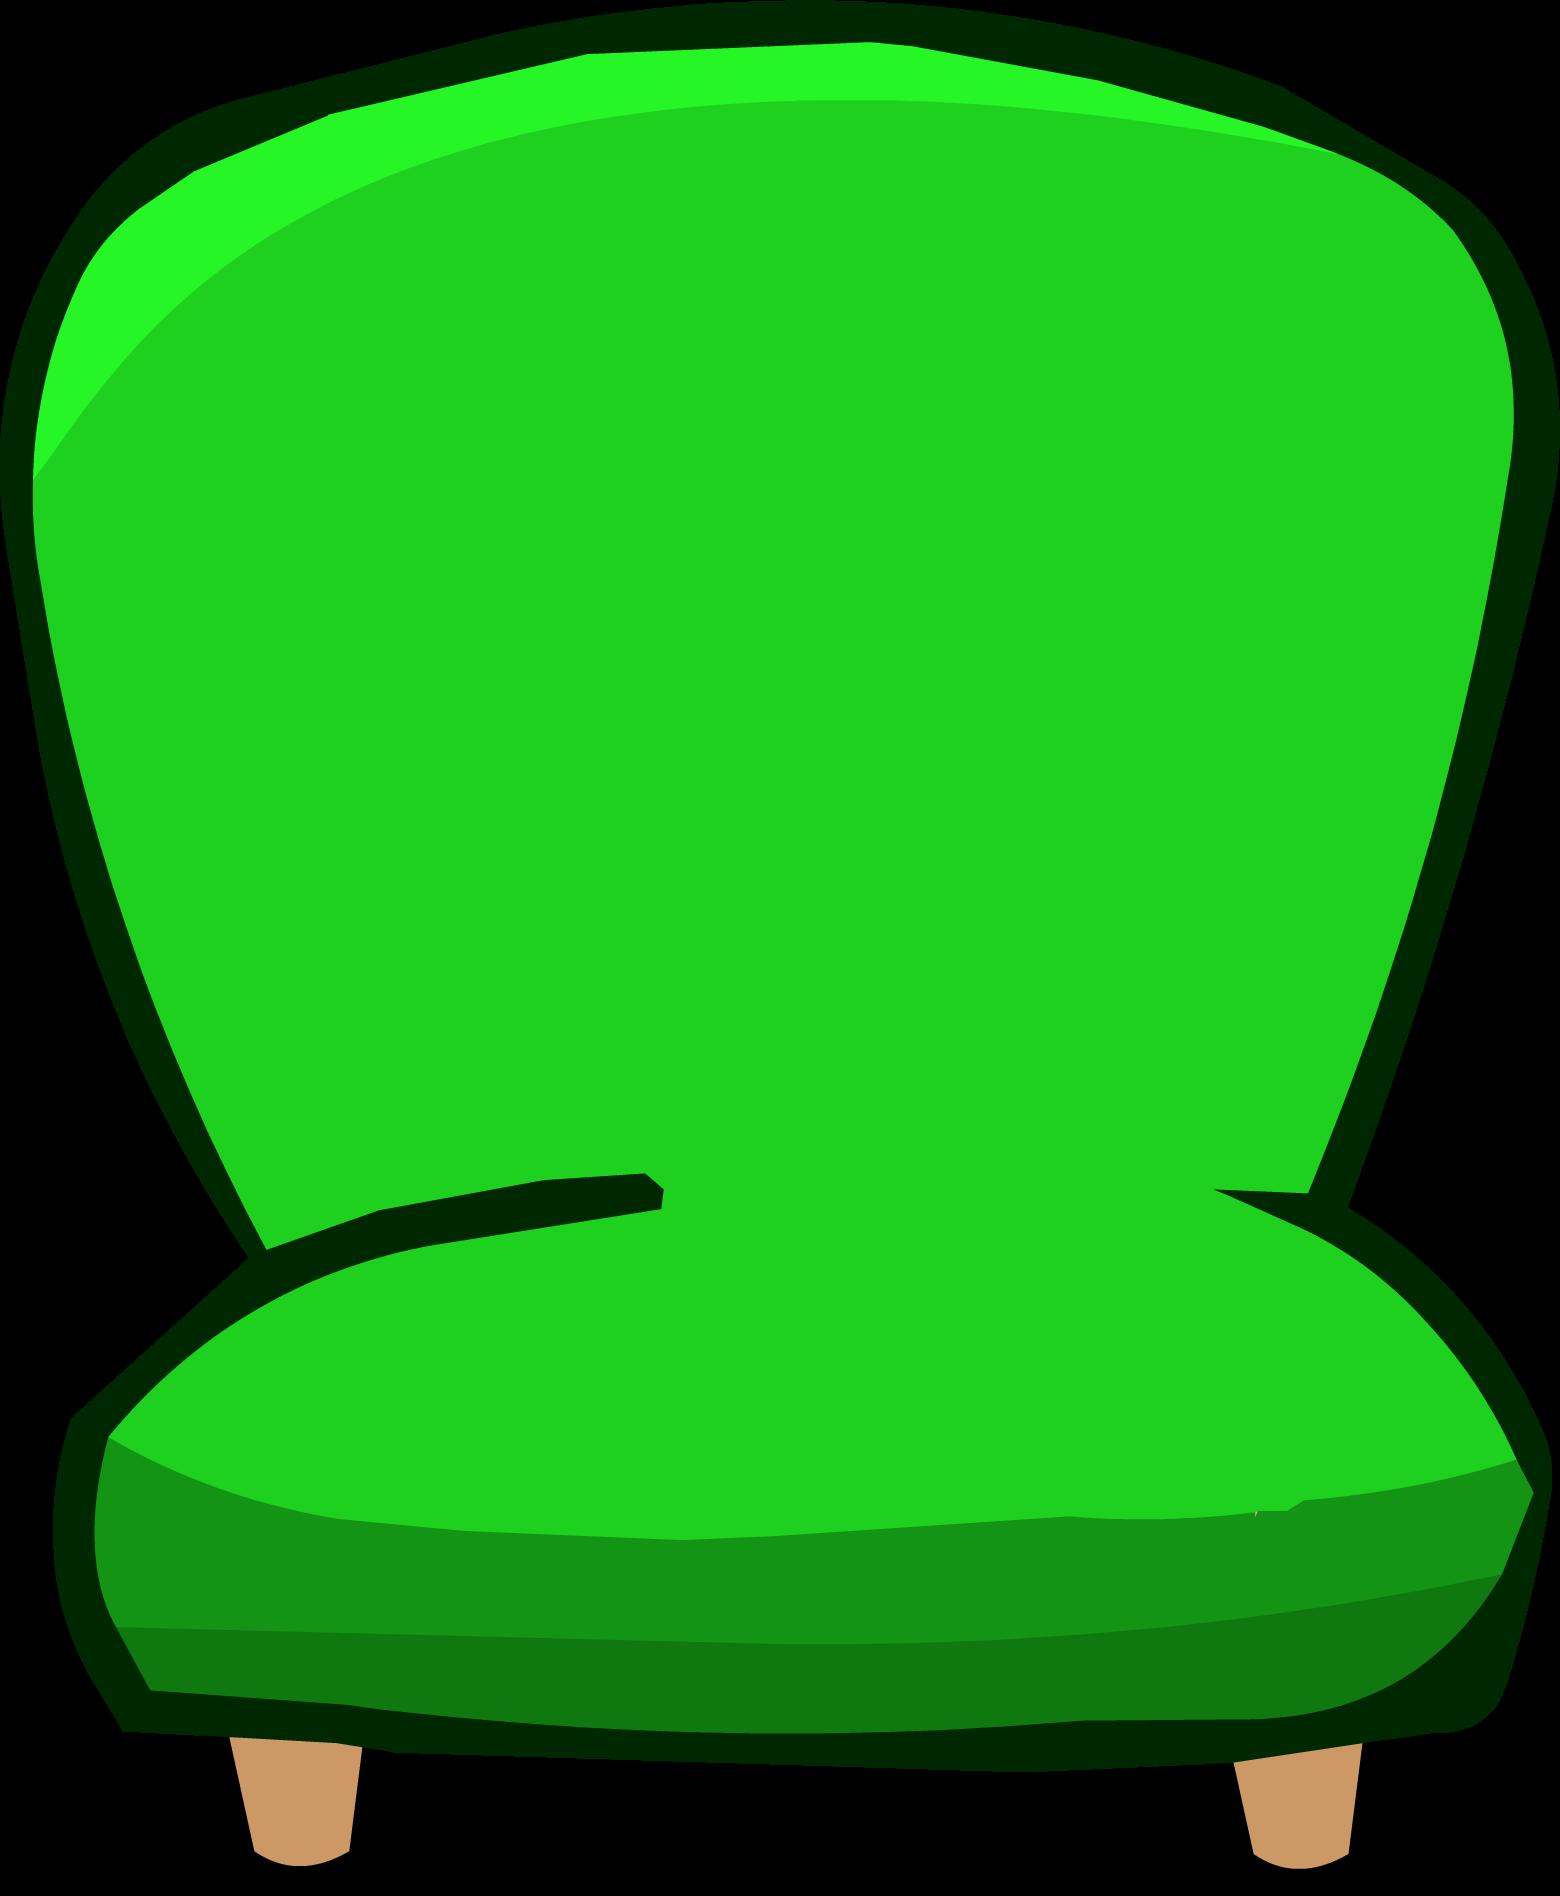 Fart clipart chair. Green plush club penguin